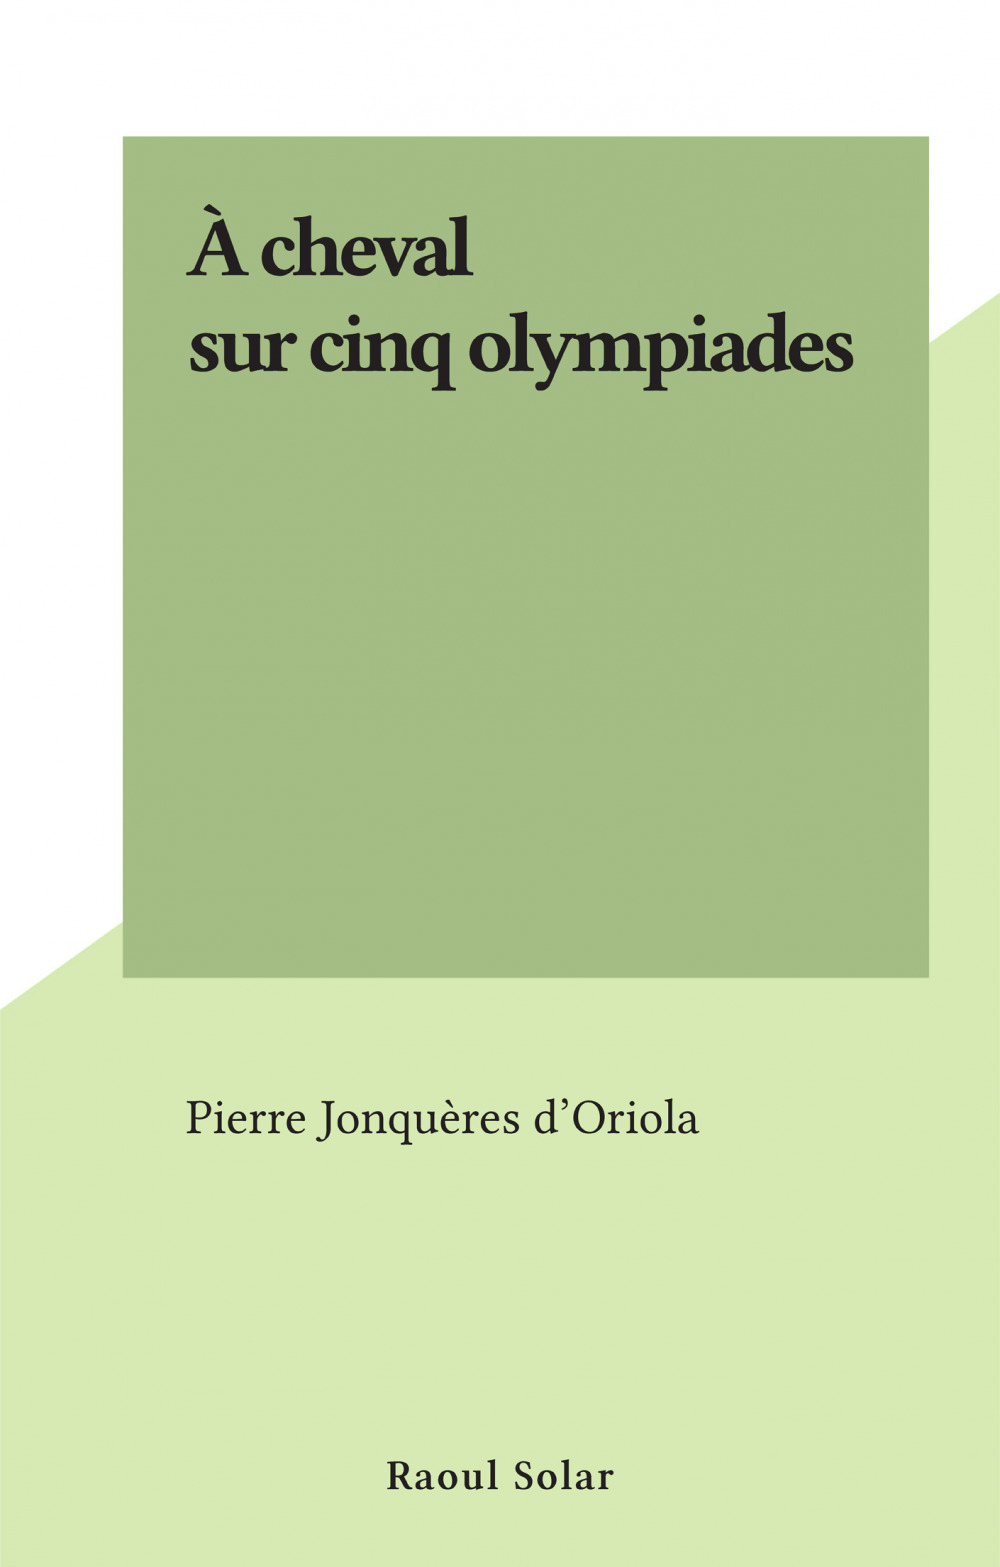 À cheval sur cinq olympiades